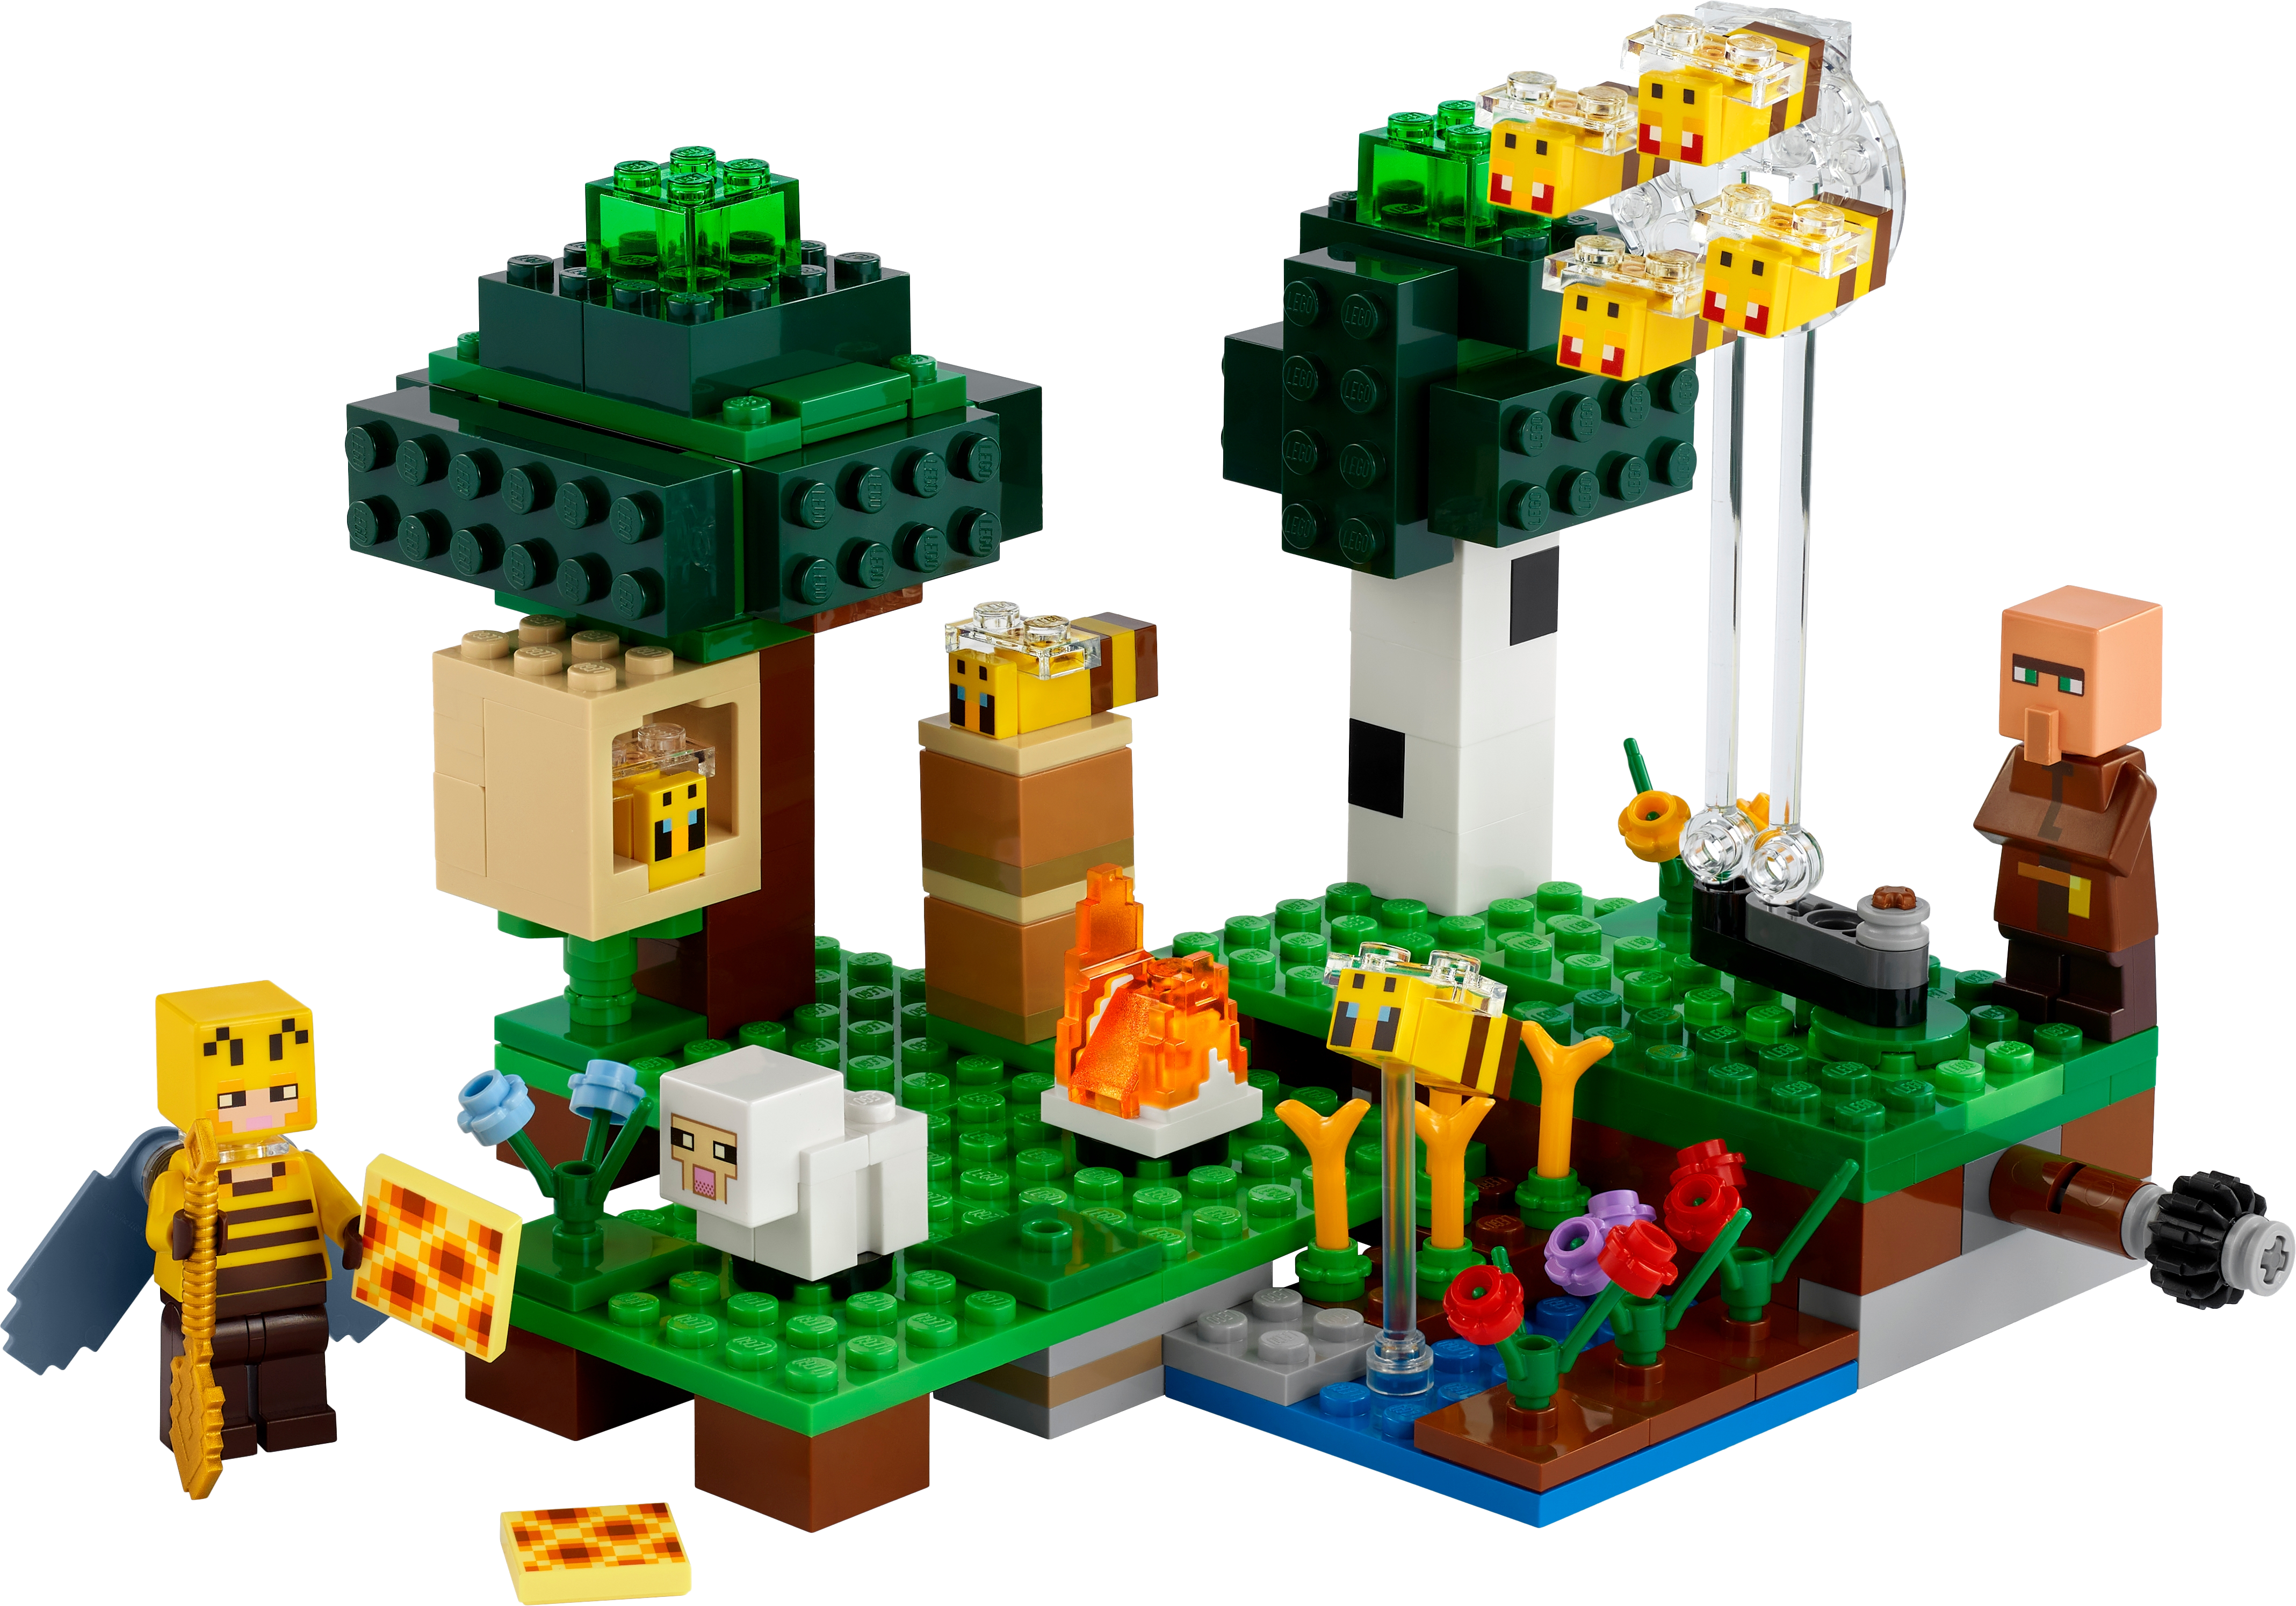 The Bee Farm